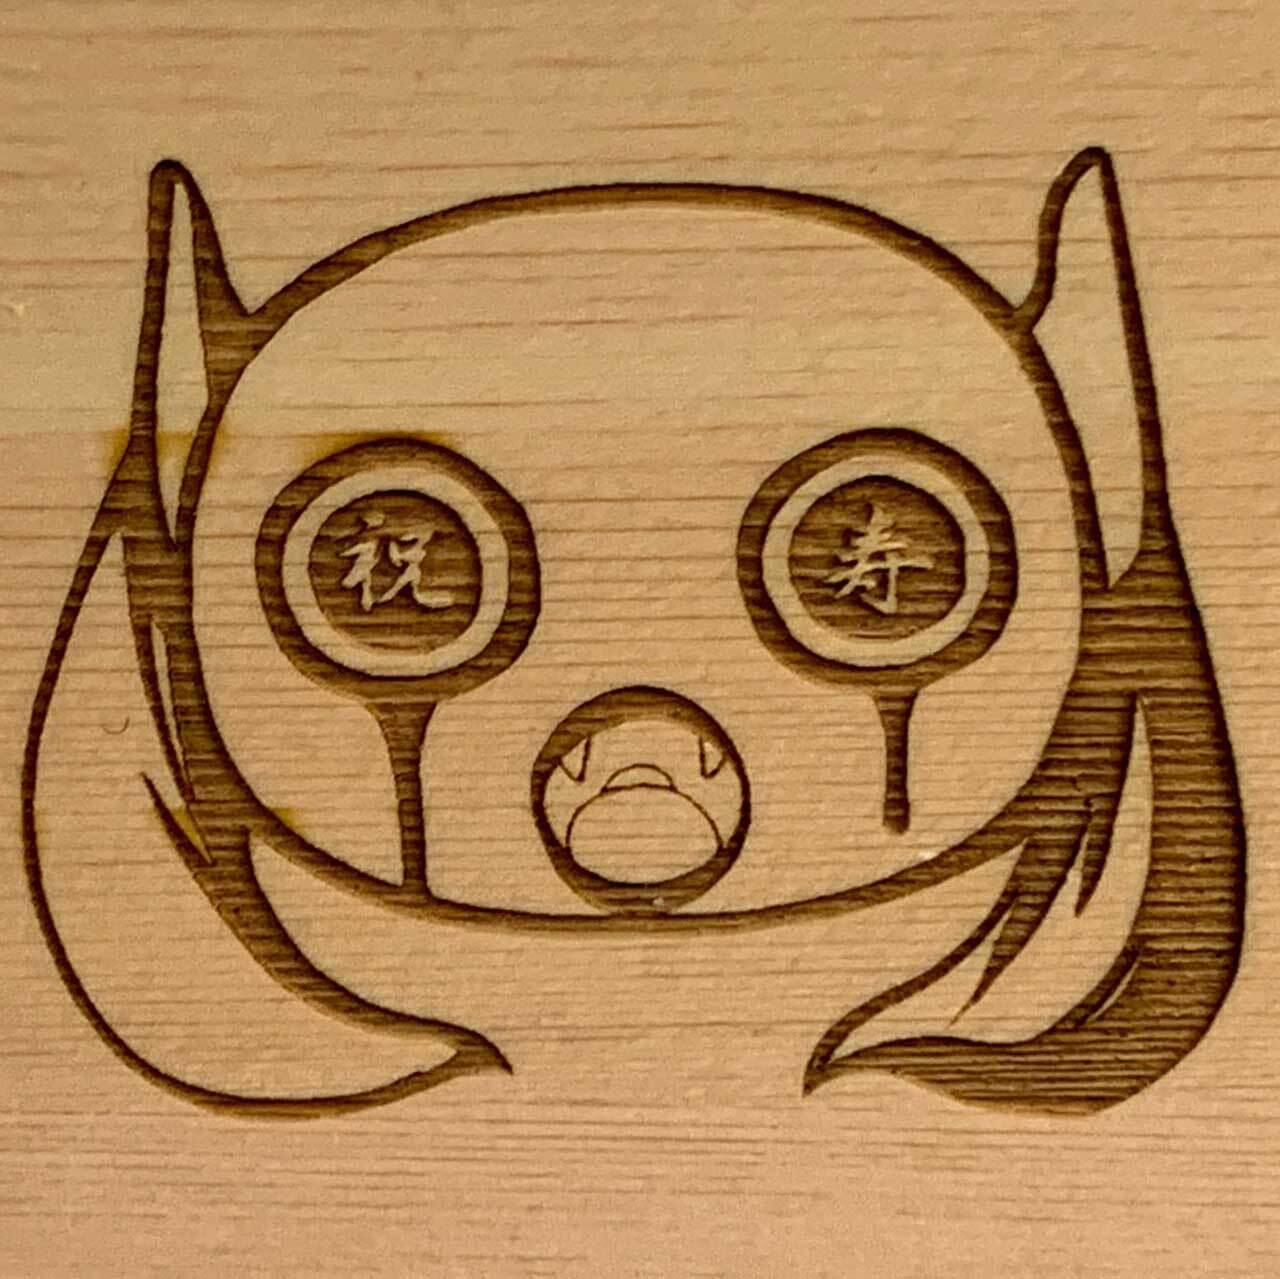 ピノキオピー - オリジナル一合枡「祝」 - 画像3